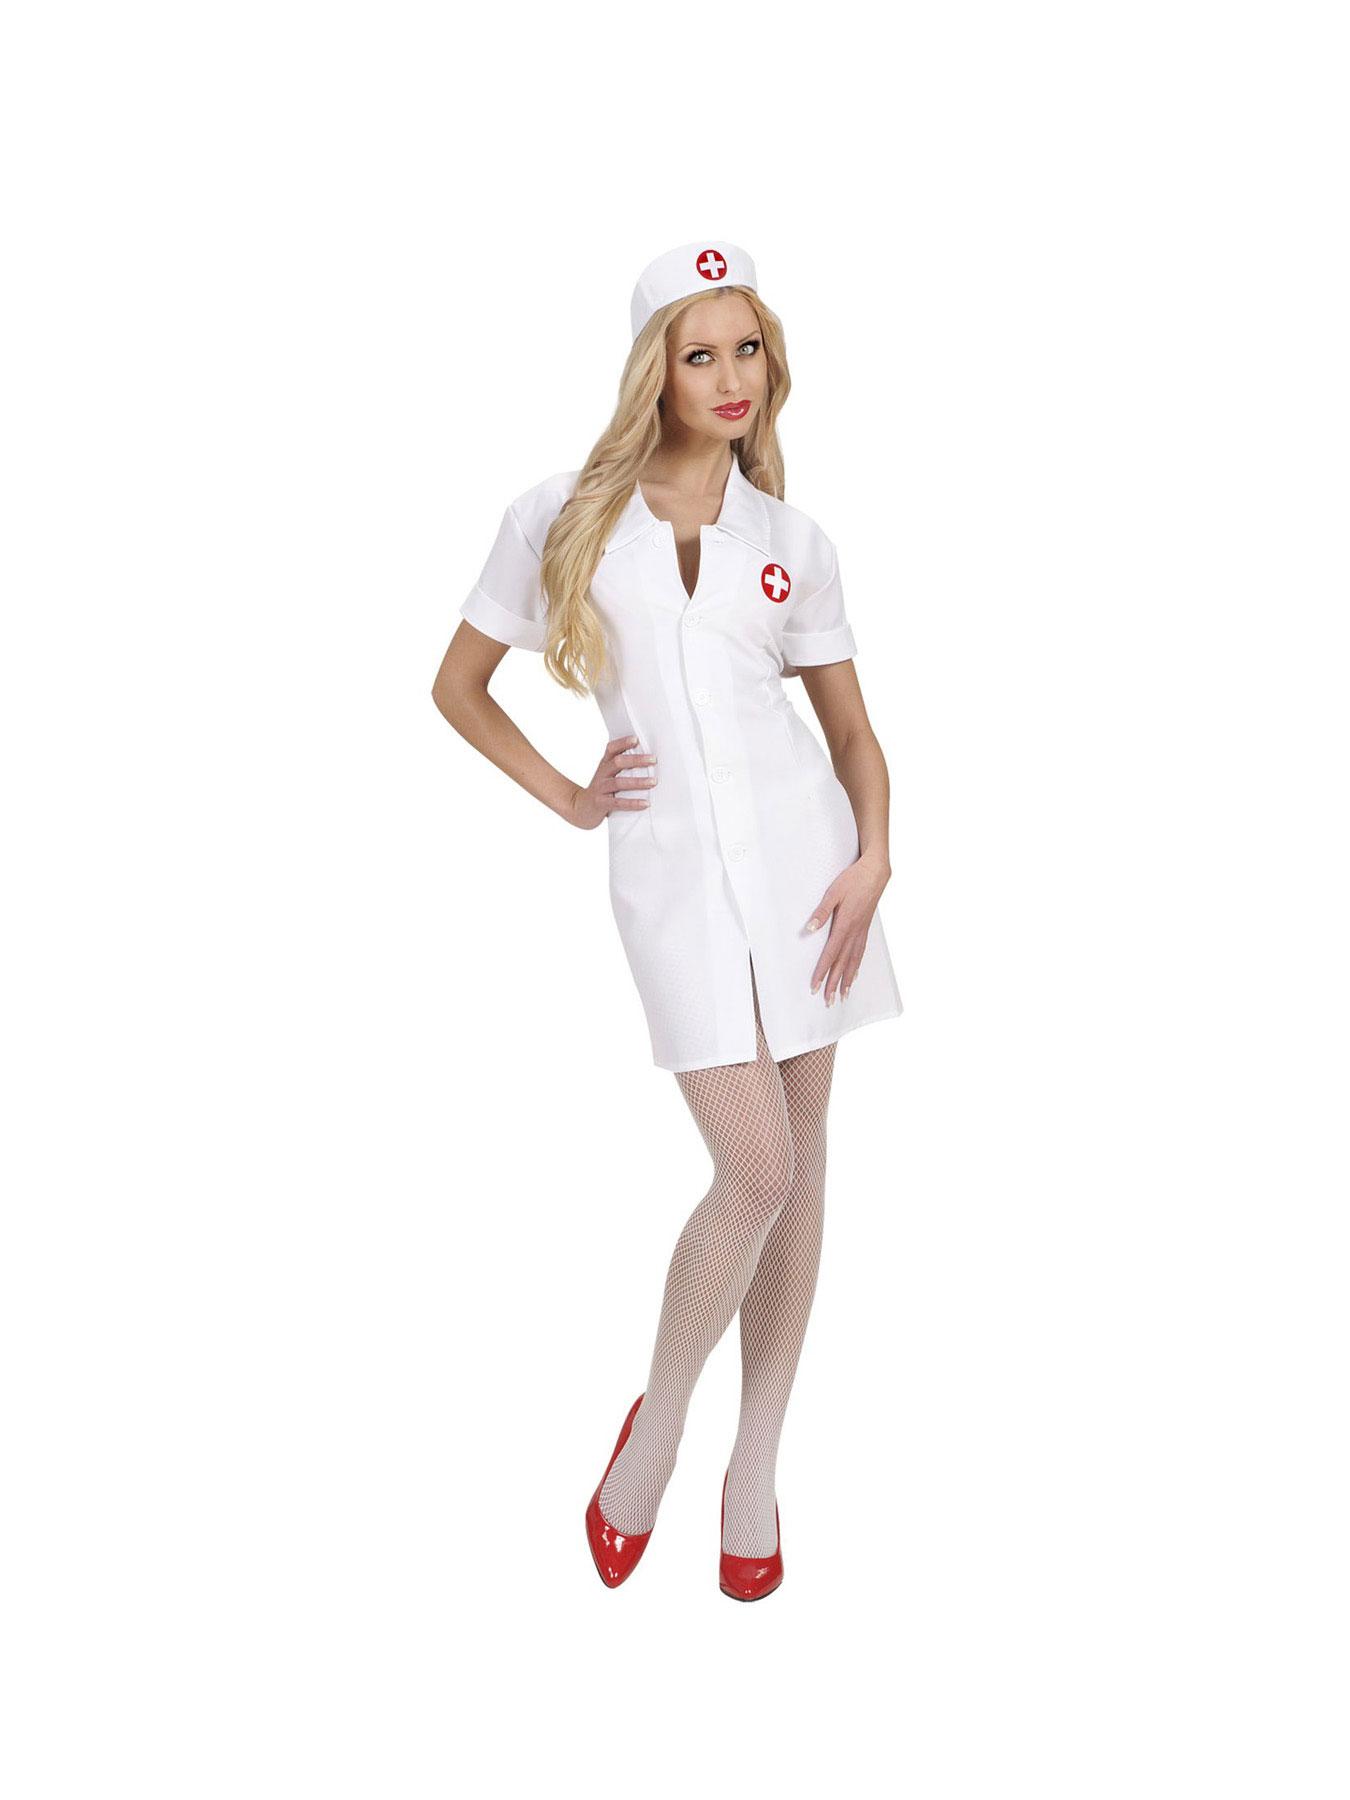 Kostüm Krankenschwester Kleid mit Haube Mottoparty Fasching